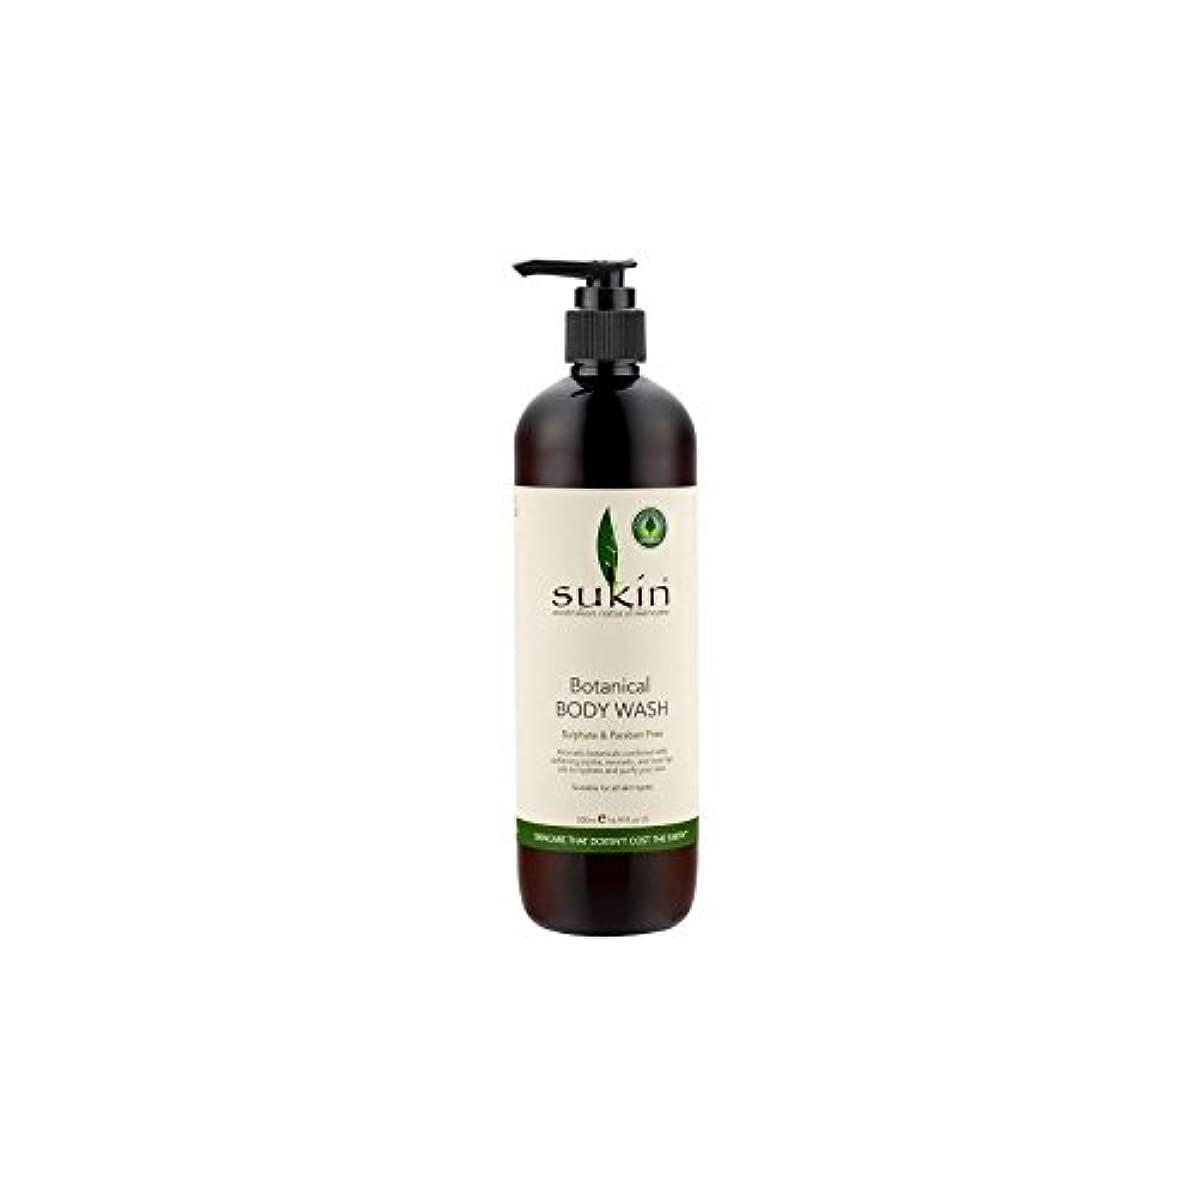 カーテンクモ見積りSukin Botanical Body Wash (500ml) - 植物ボディウォッシュ(500ミリリットル) [並行輸入品]